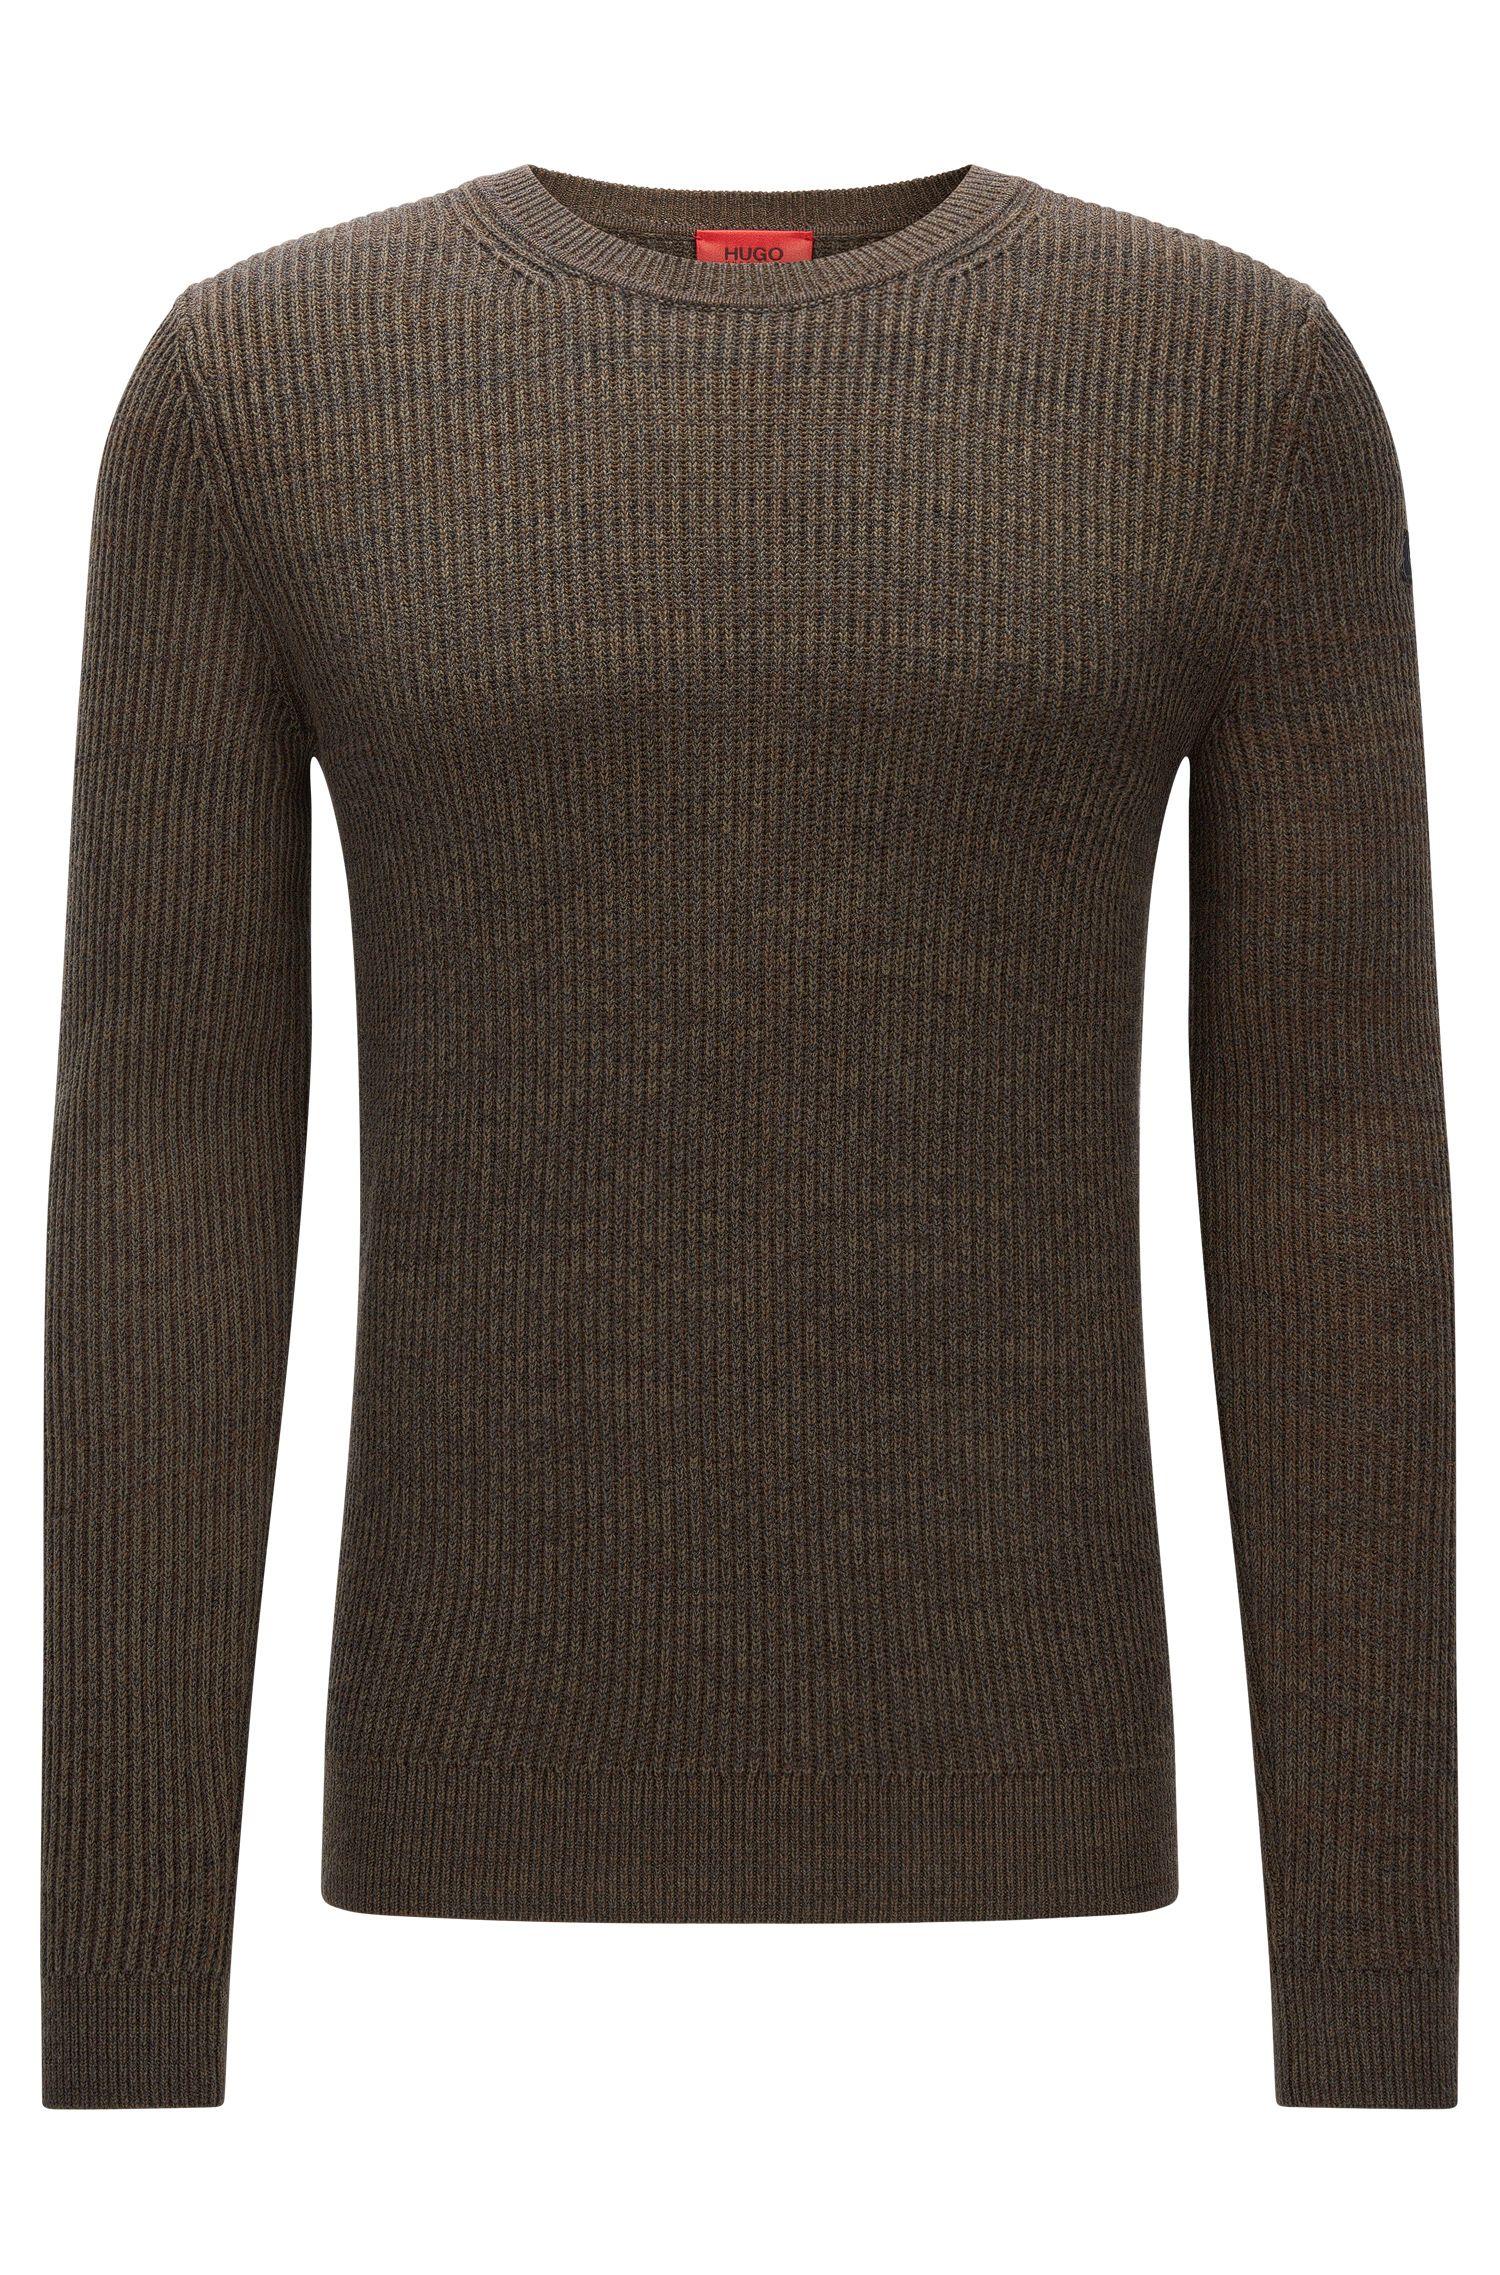 Virgin Wool Cotton Sweater | Somael